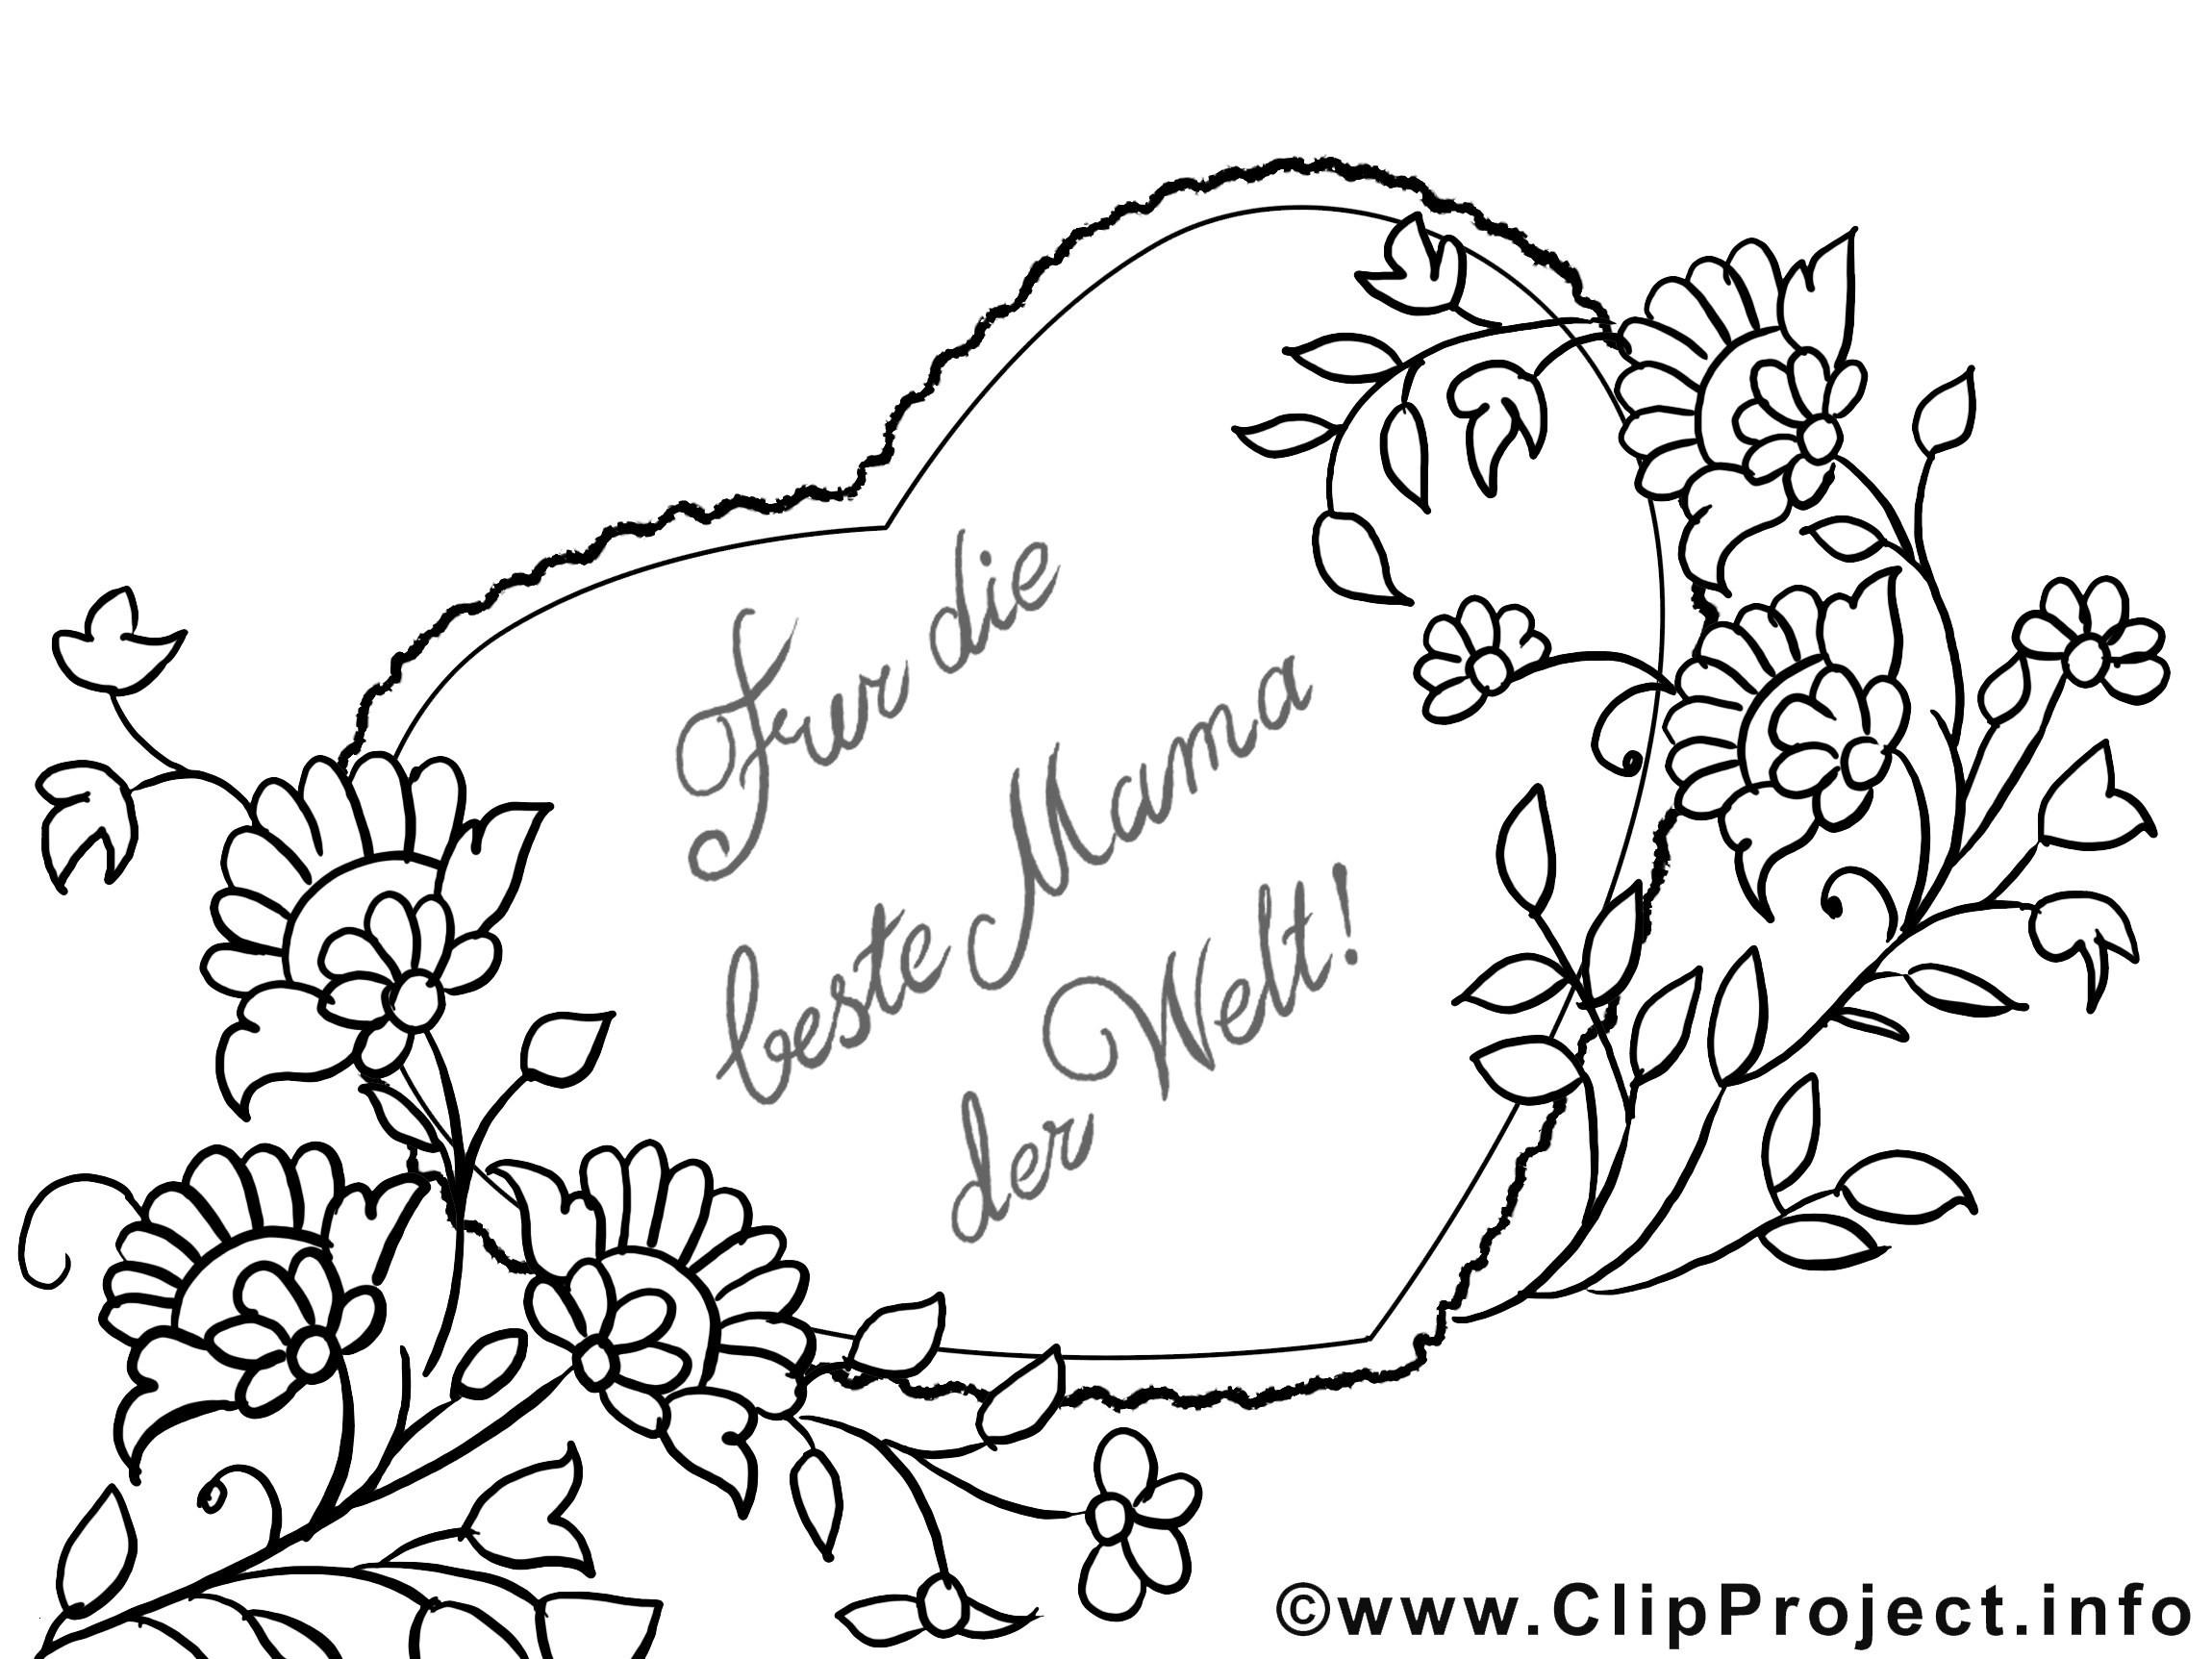 Malvorlage Blumen ornamente Das Beste Von ornament Drucken Bewundernswert 38 Malvorlagen ornamente Das Bild